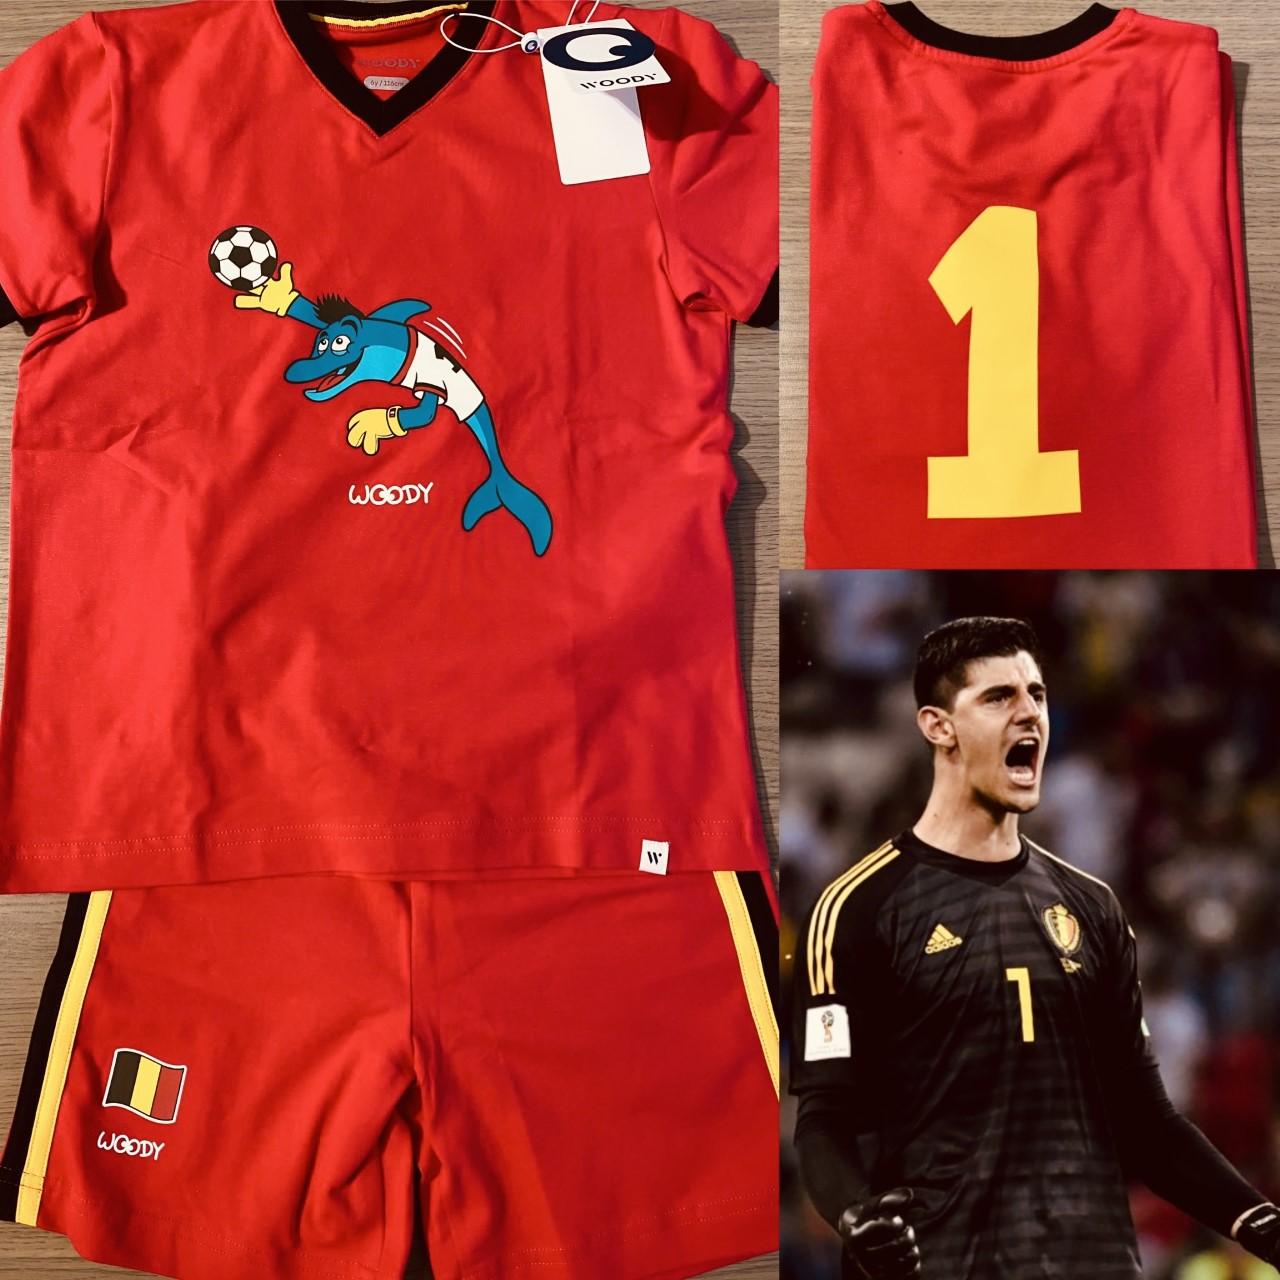 Woody EK voetbal Herenpyjama Thibaut Courtois